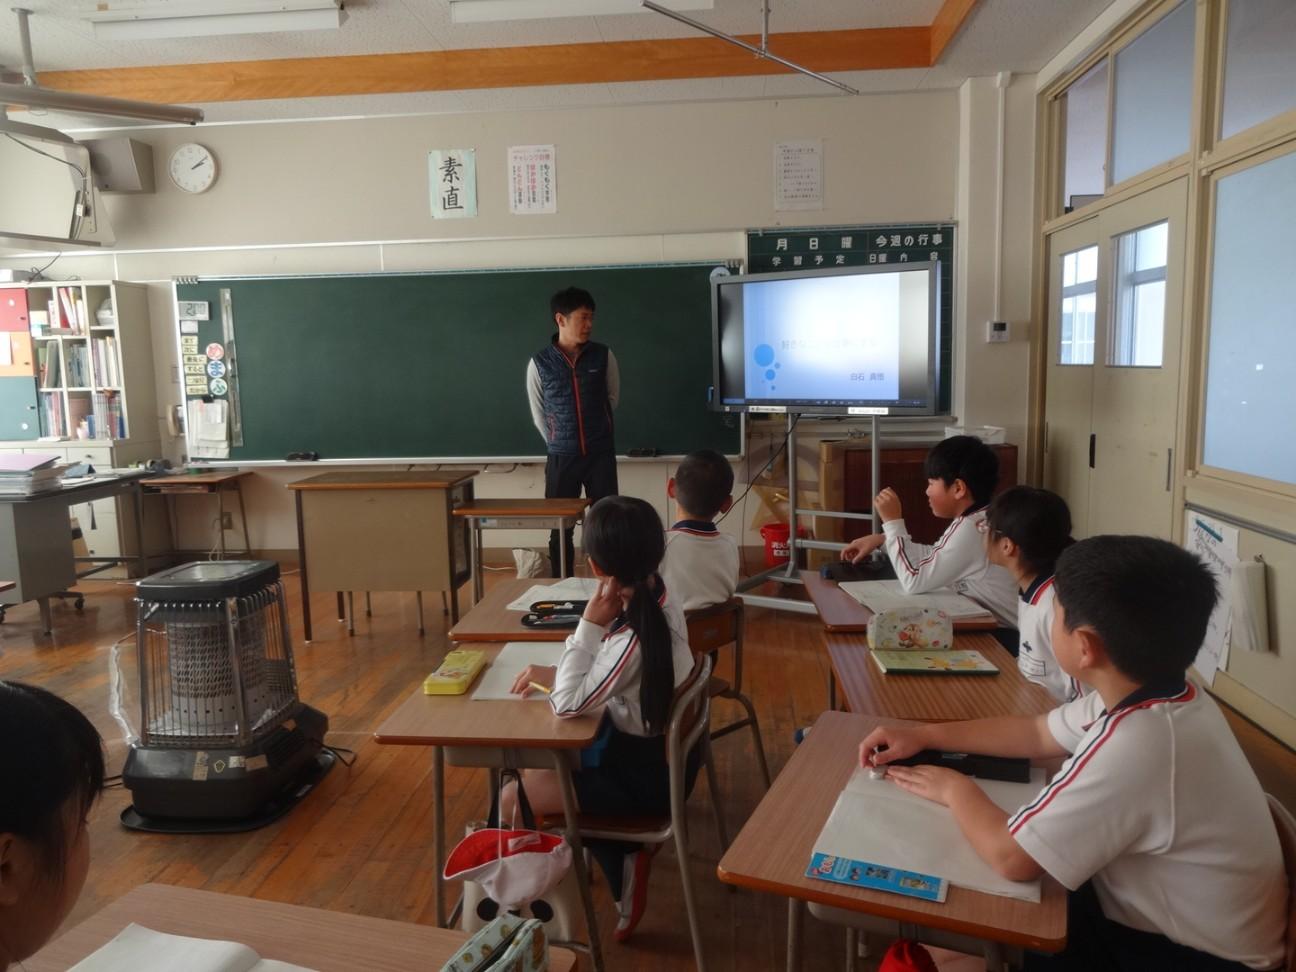 f:id:shingo_shiraishi:20200110222100j:image